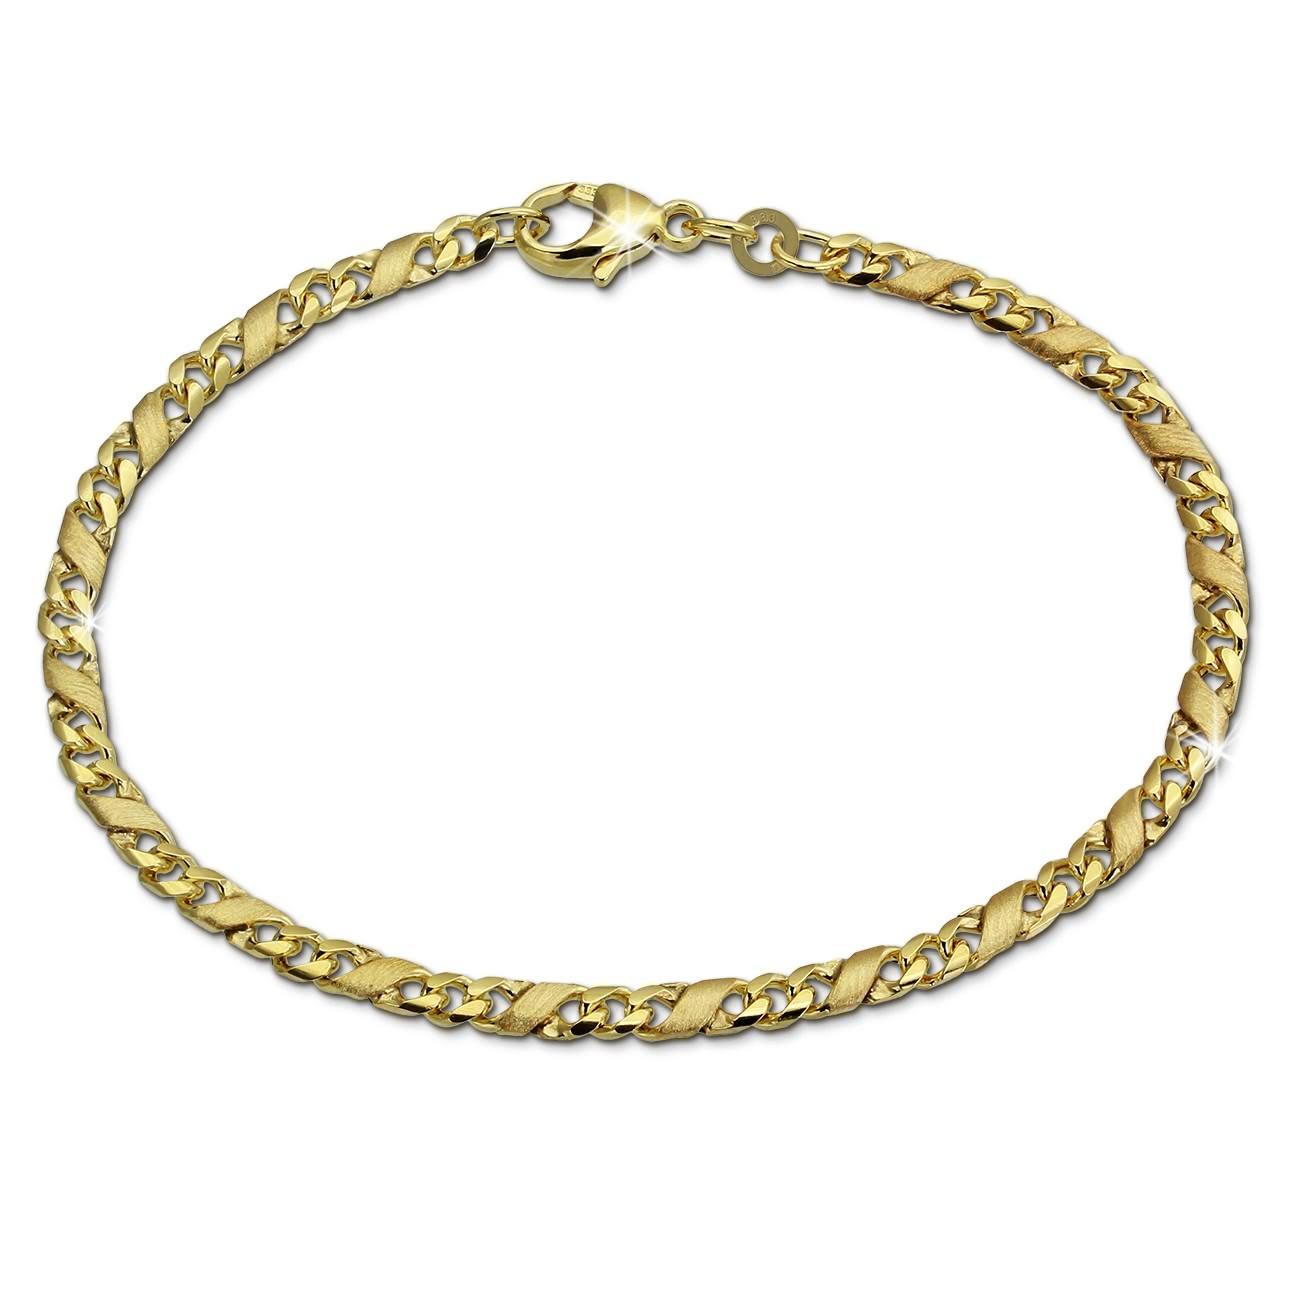 SilberDream Armband Dollar-Kette 333 Gelbgold Damen 18,5cm GDA0458Y